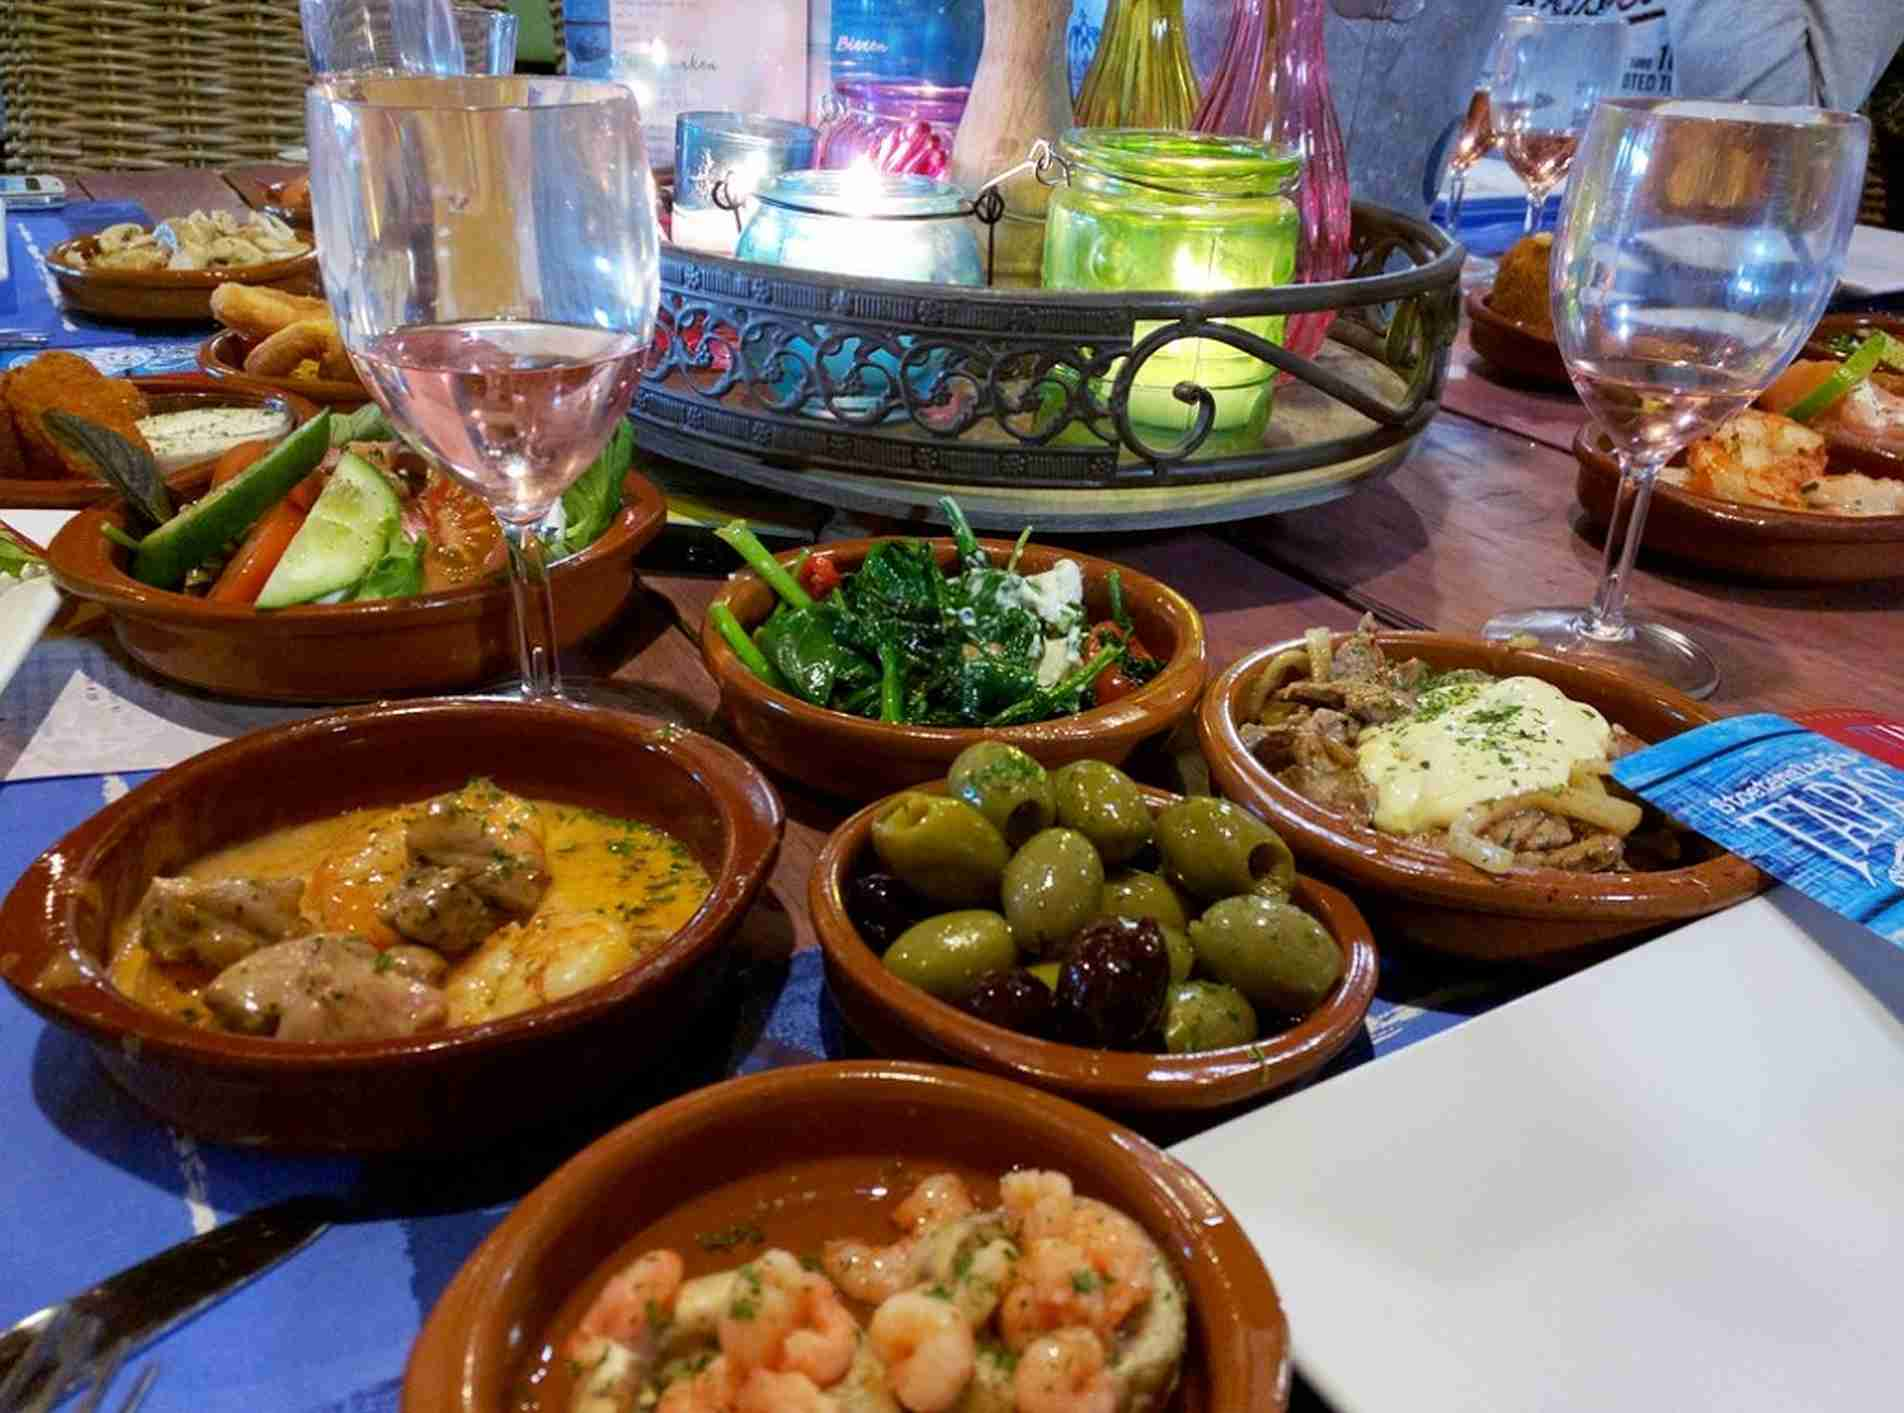 Restaurant Capfun het Stoetenslagh in Overijssel - Restaurant het Stoetenslagh in Hardenberg